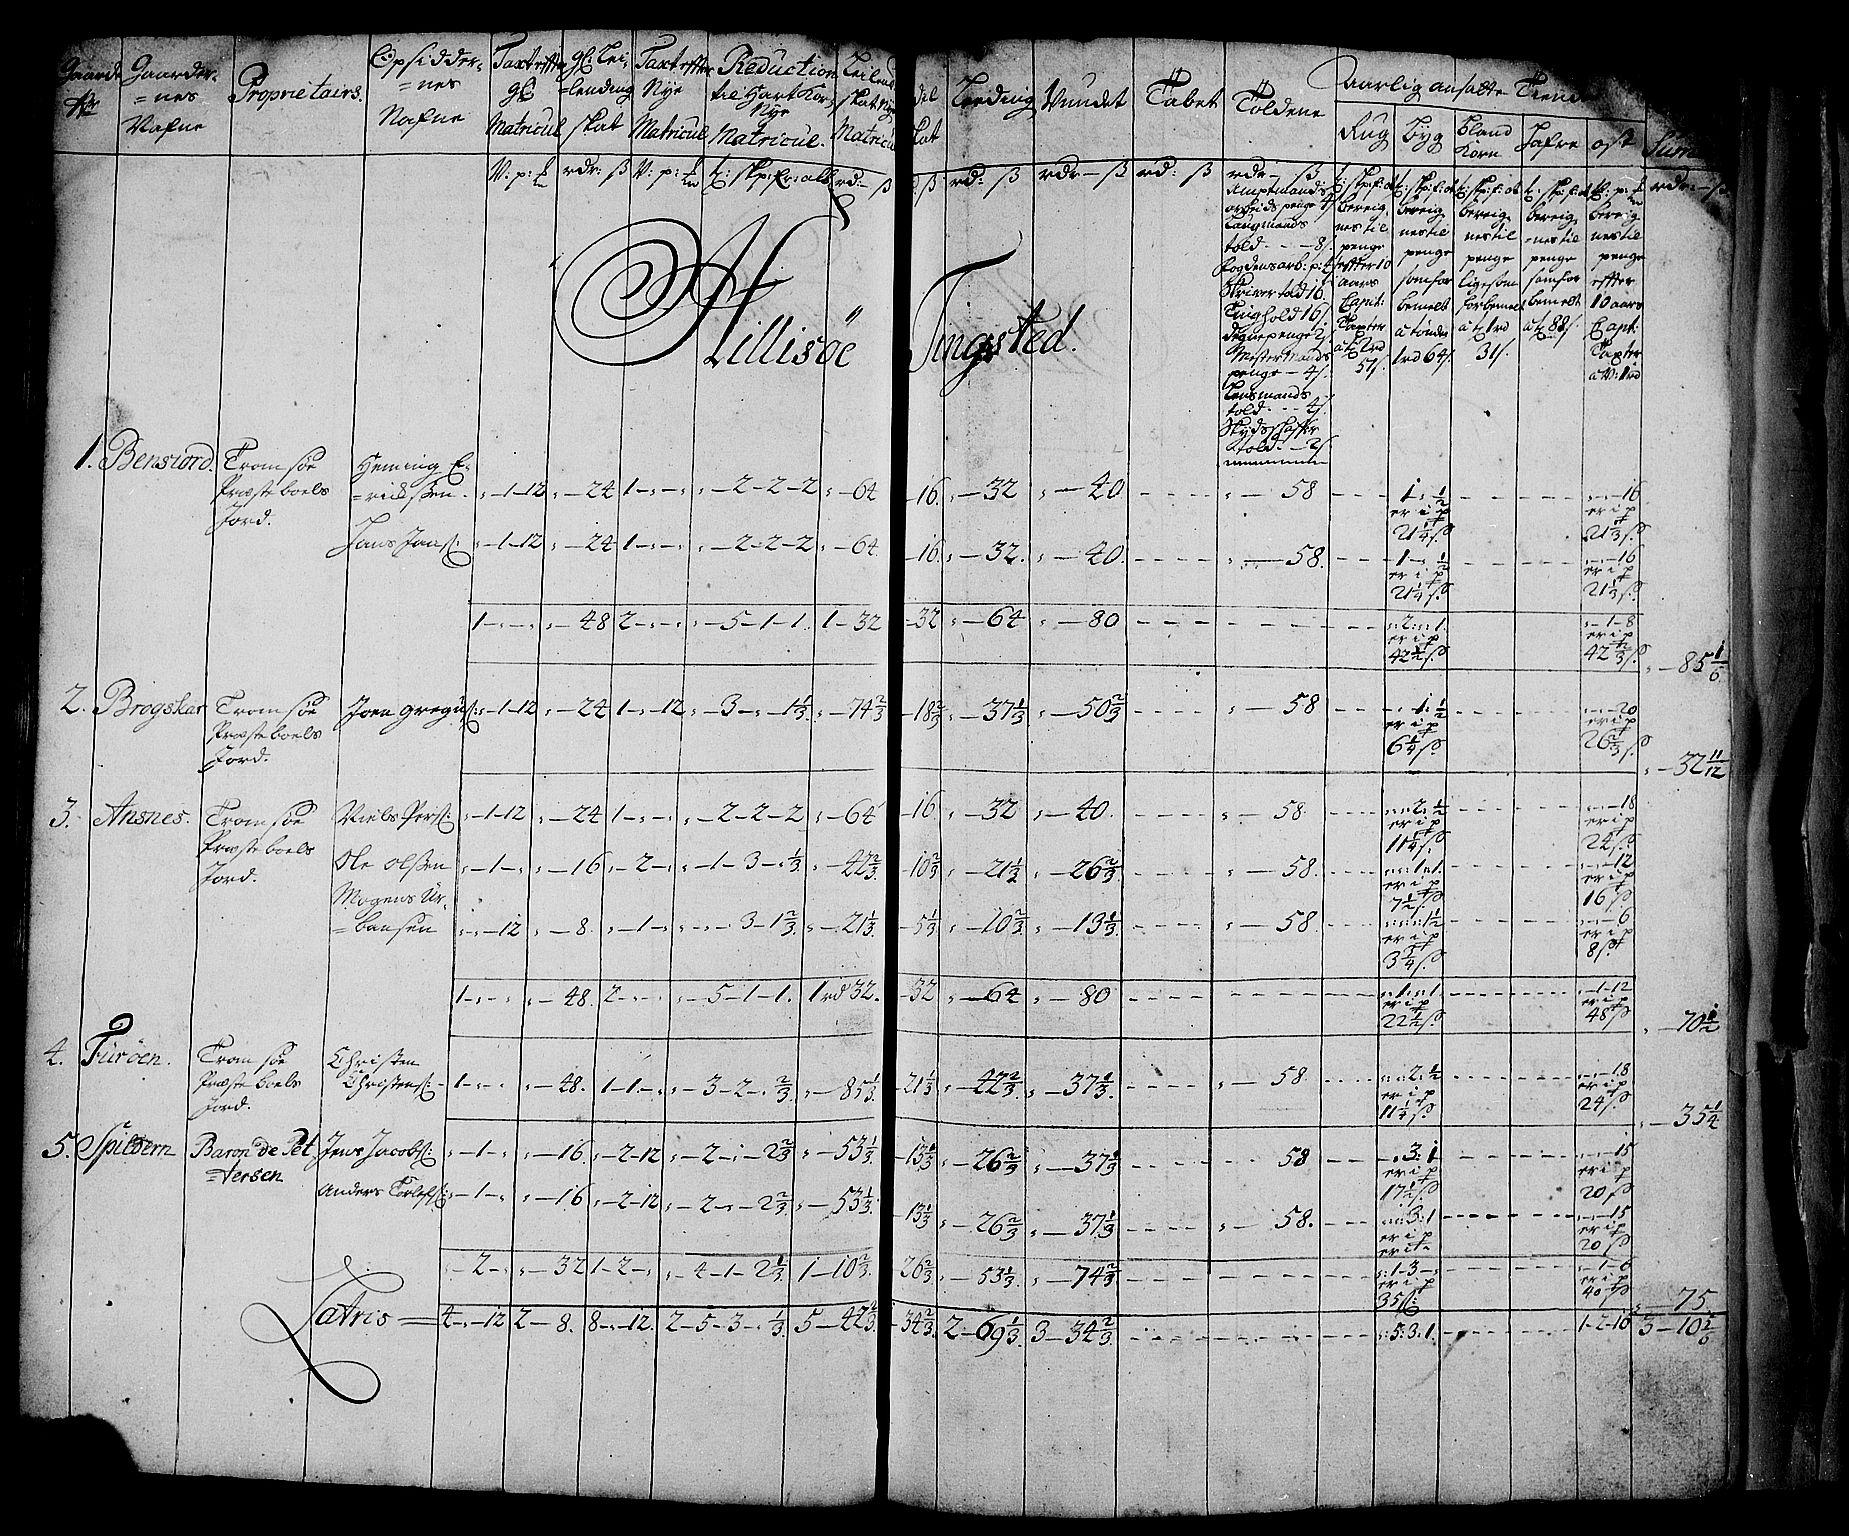 RA, Rentekammeret inntil 1814, Realistisk ordnet avdeling, N/Nb/Nbf/L0181: Troms matrikkelprotokoll, 1723, s. 49b-50a